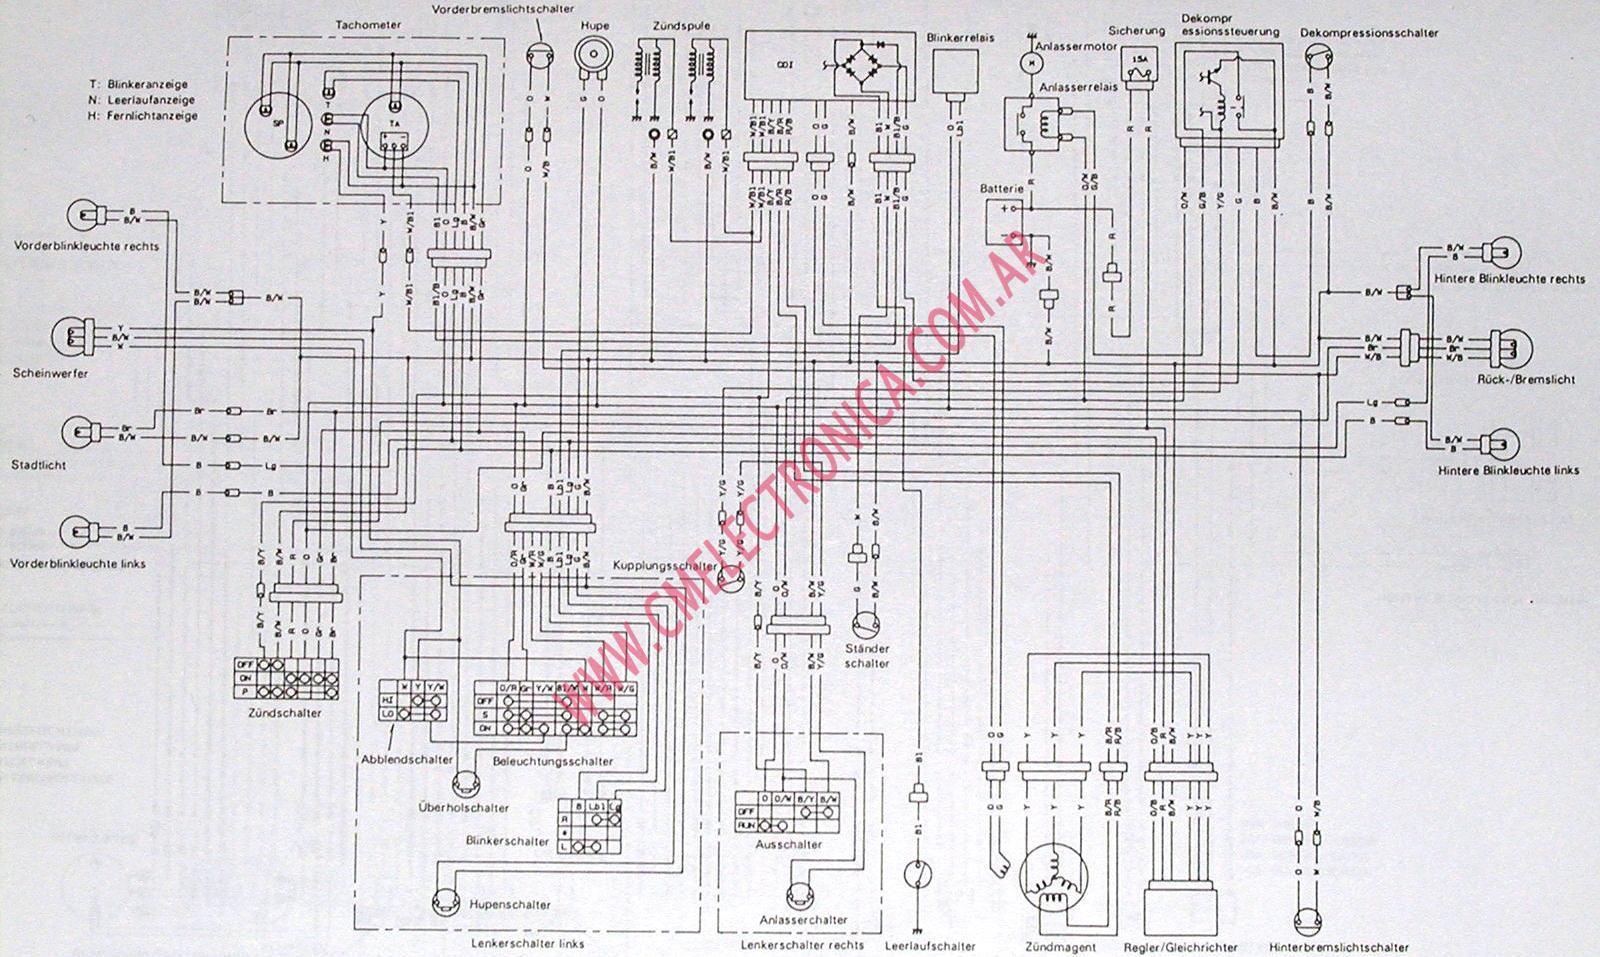 hight resolution of suzuki dr 750 wiring diagram wiring diagram insidersuzuki dr 750 wiring diagram wiring diagrams konsult suzuki